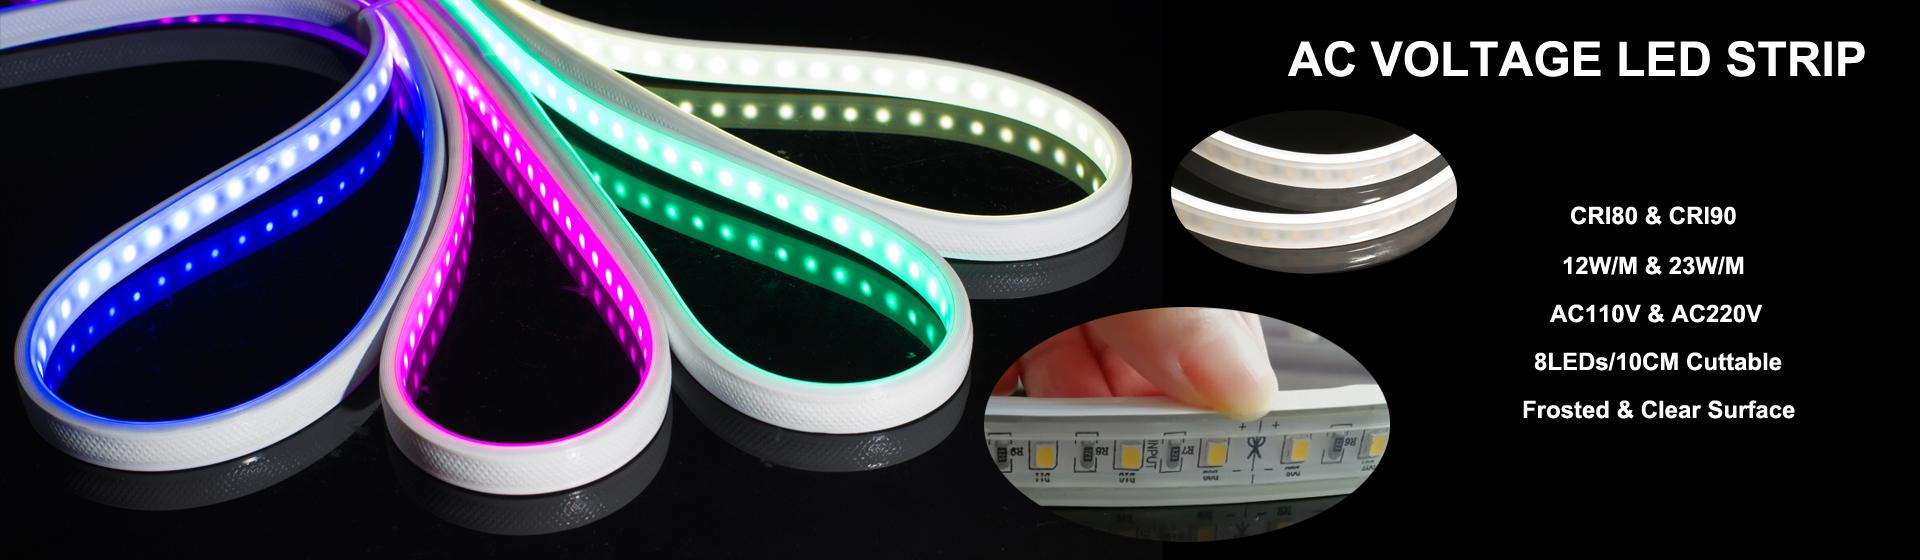 110v 220v 230v 240v High Voltage LED Strip Lights Manufacturer ...